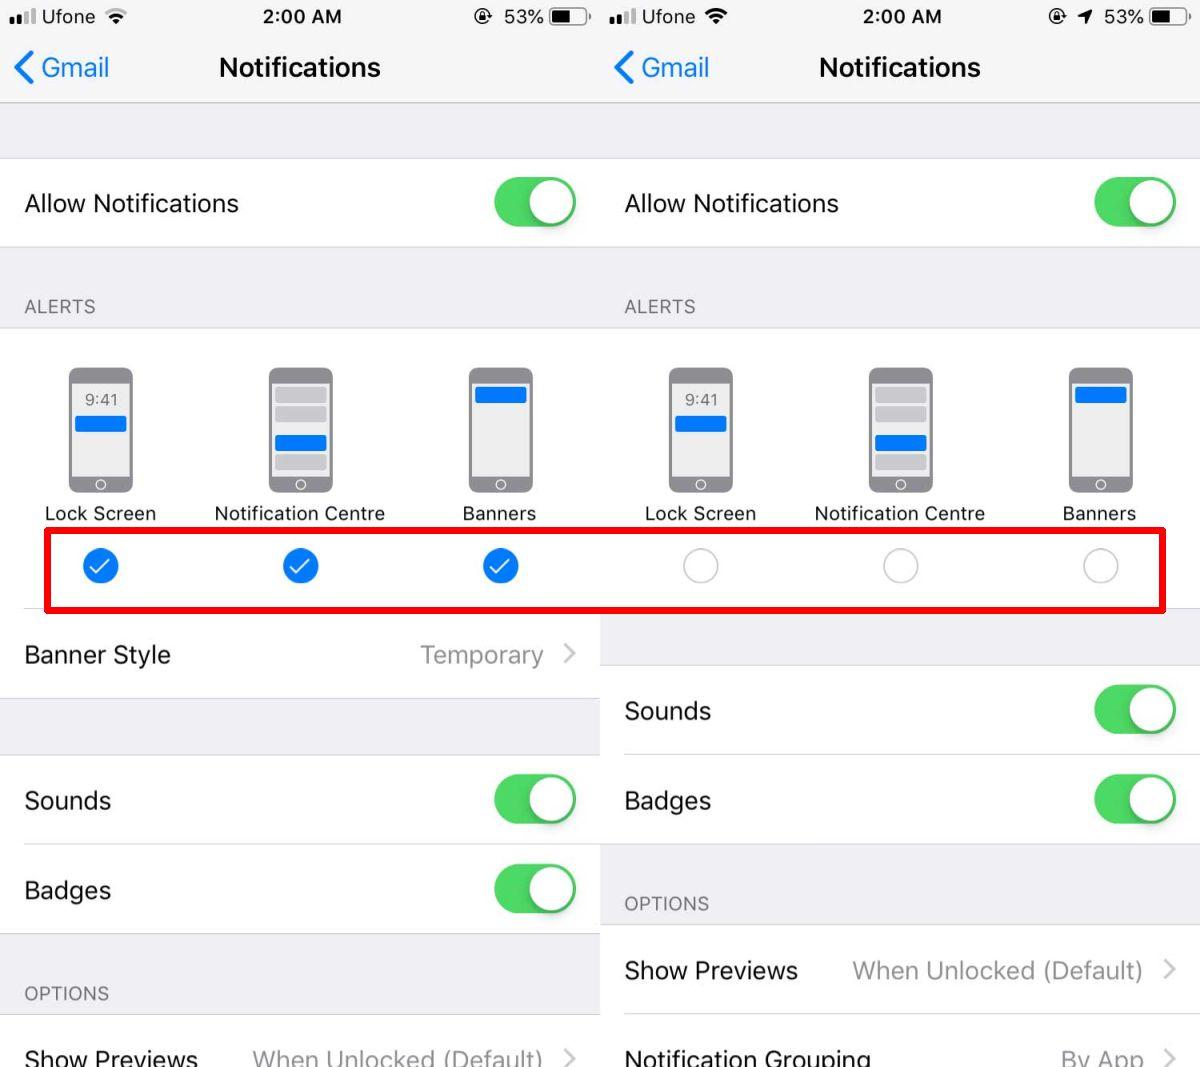 Vì vậy, bạn chỉ định cấu hình thông báo âm thanh cho các ứng dụng trên iOS 3